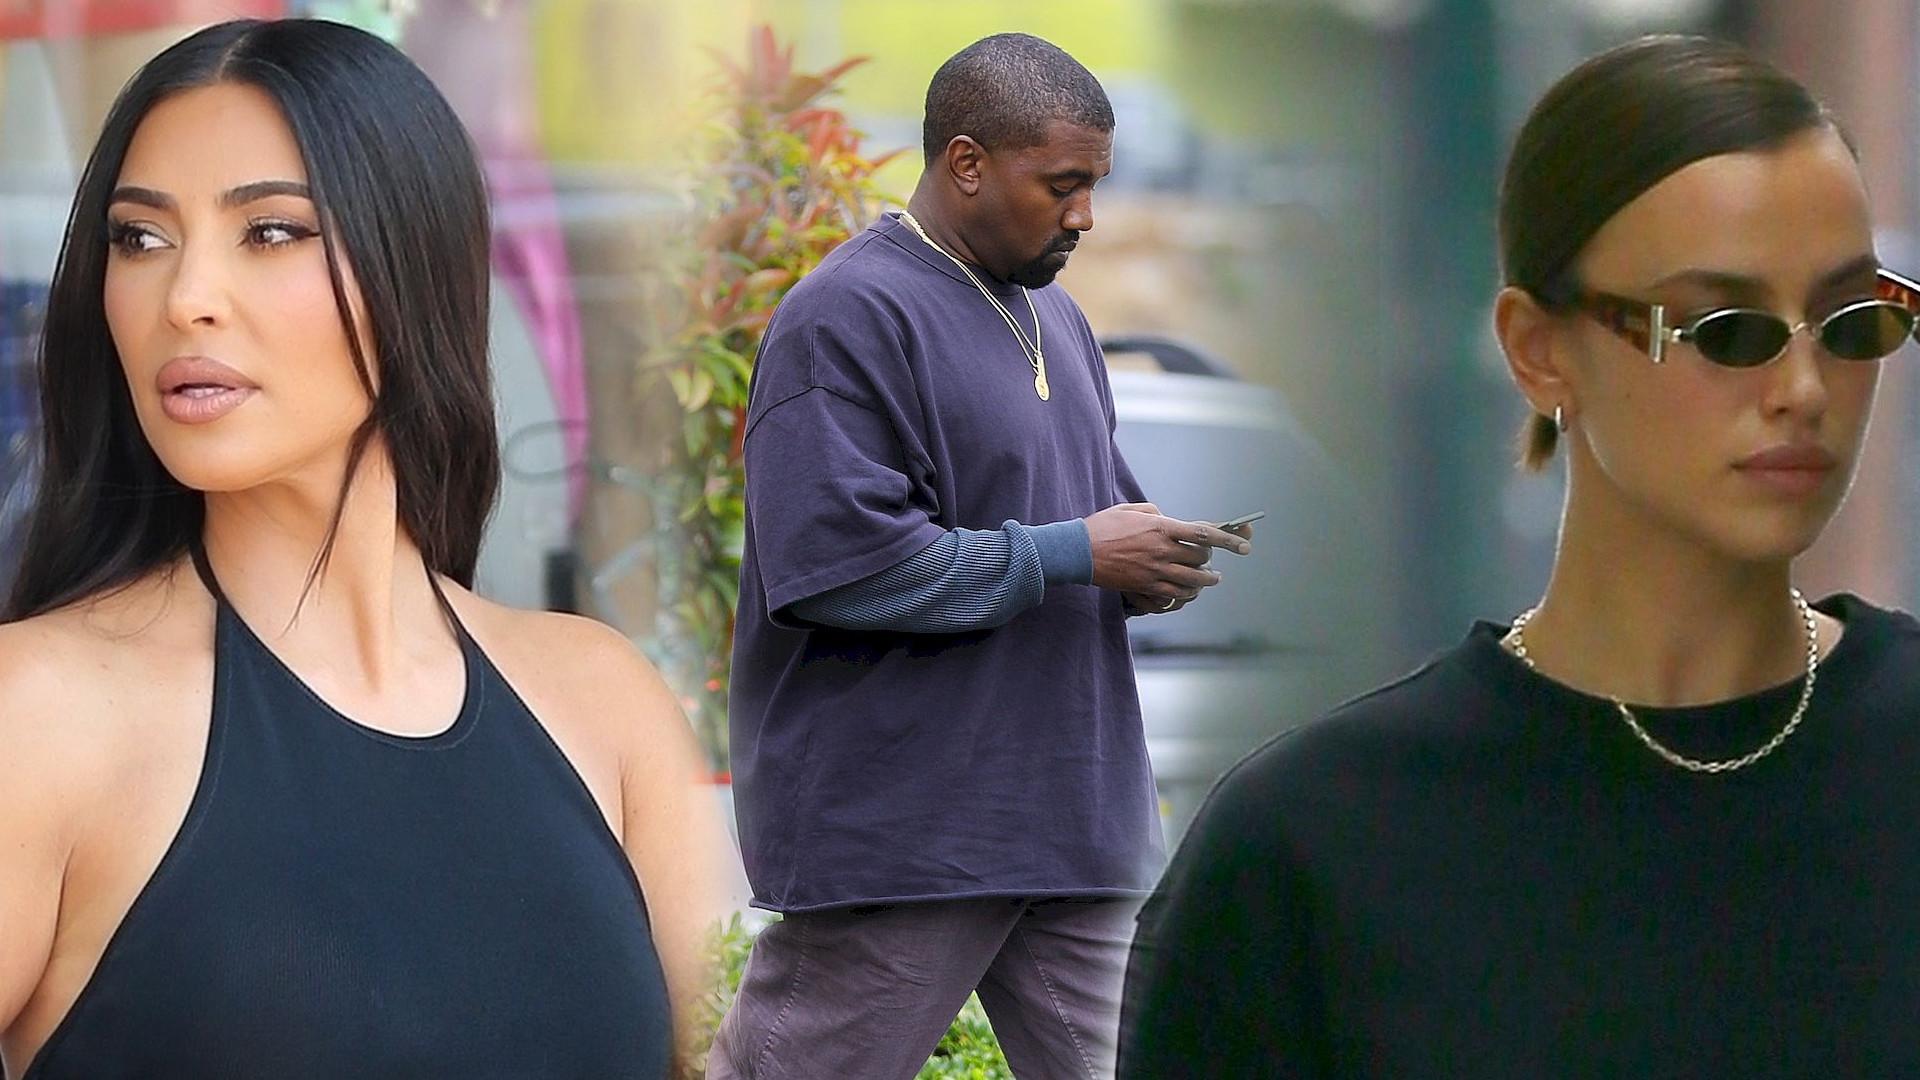 Tak zareagowała Kim Kardashian na romans Kanye Westa i Iriny Shayk